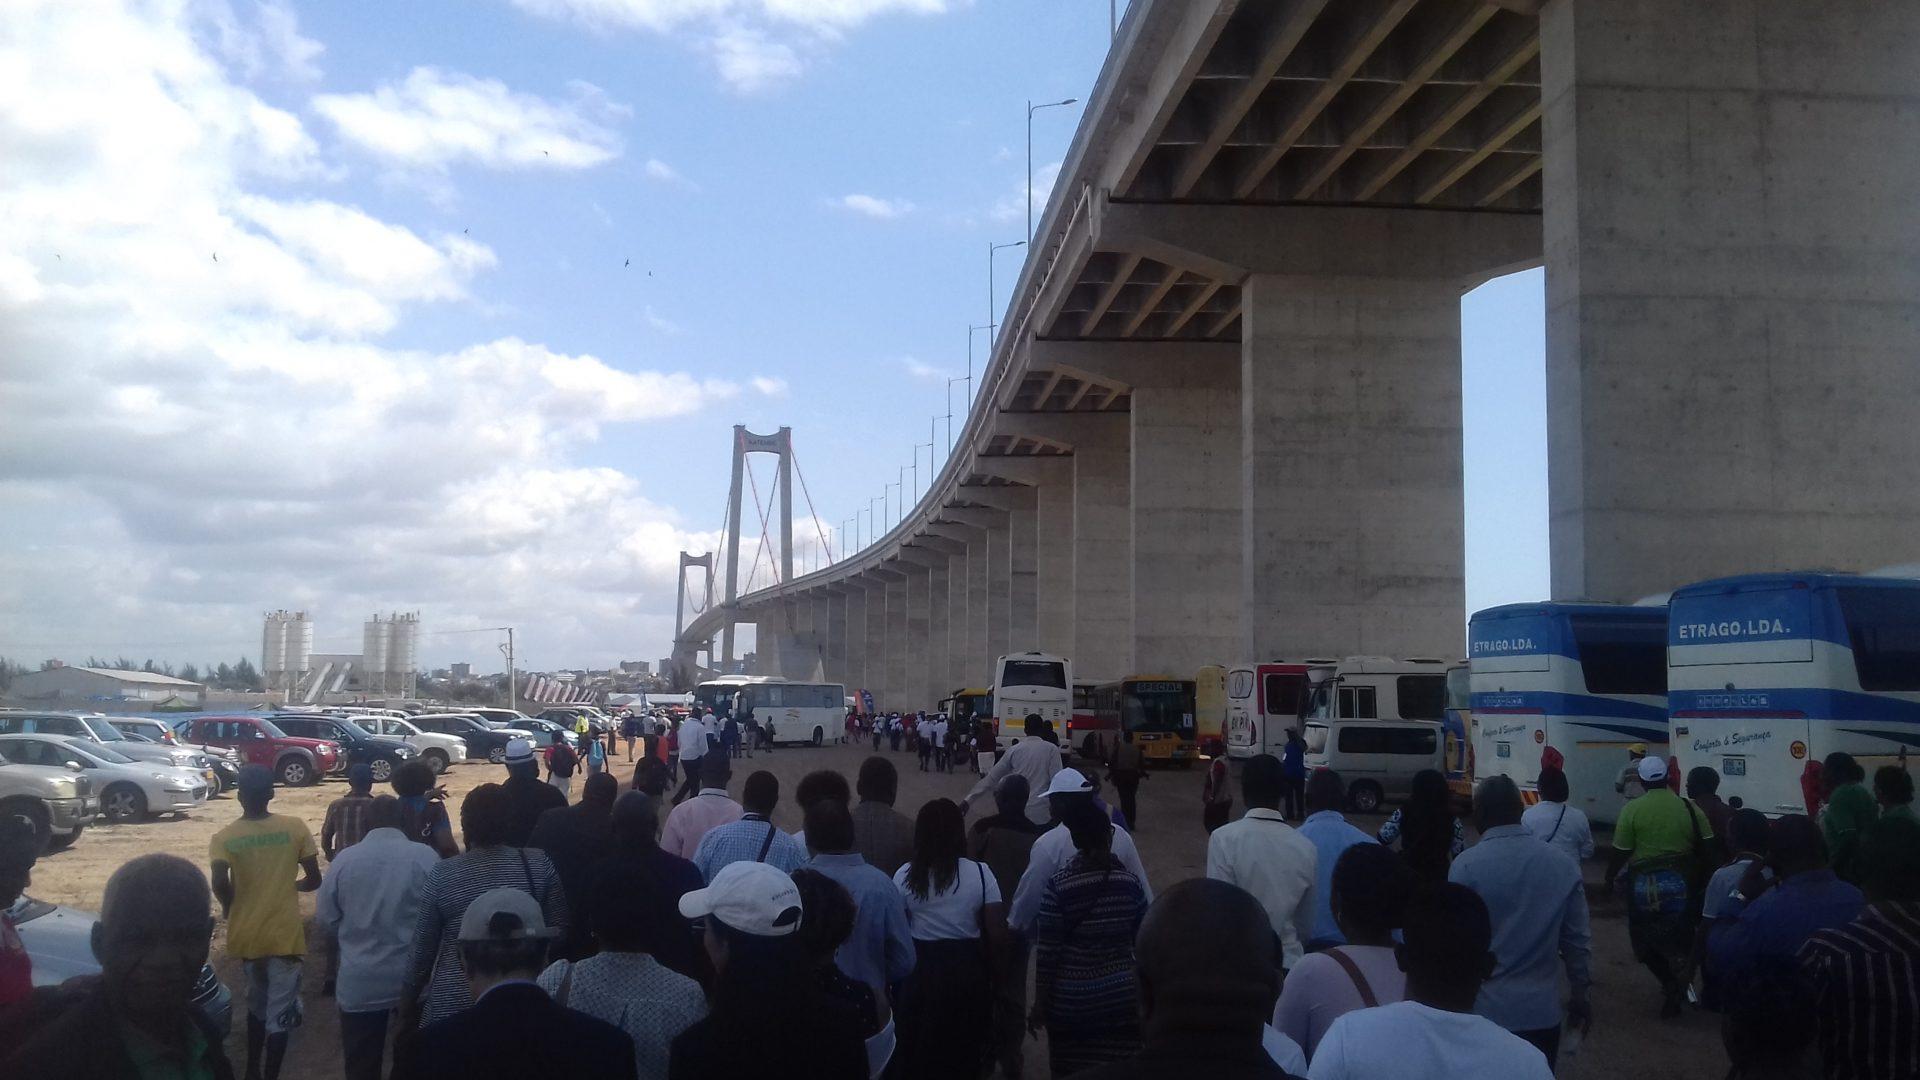 Mosambiks neue, von China finanzierte Maputo-KaTembe-Brücke, die längste in Afrika, beinhaltet hohe Mautgebühren 3